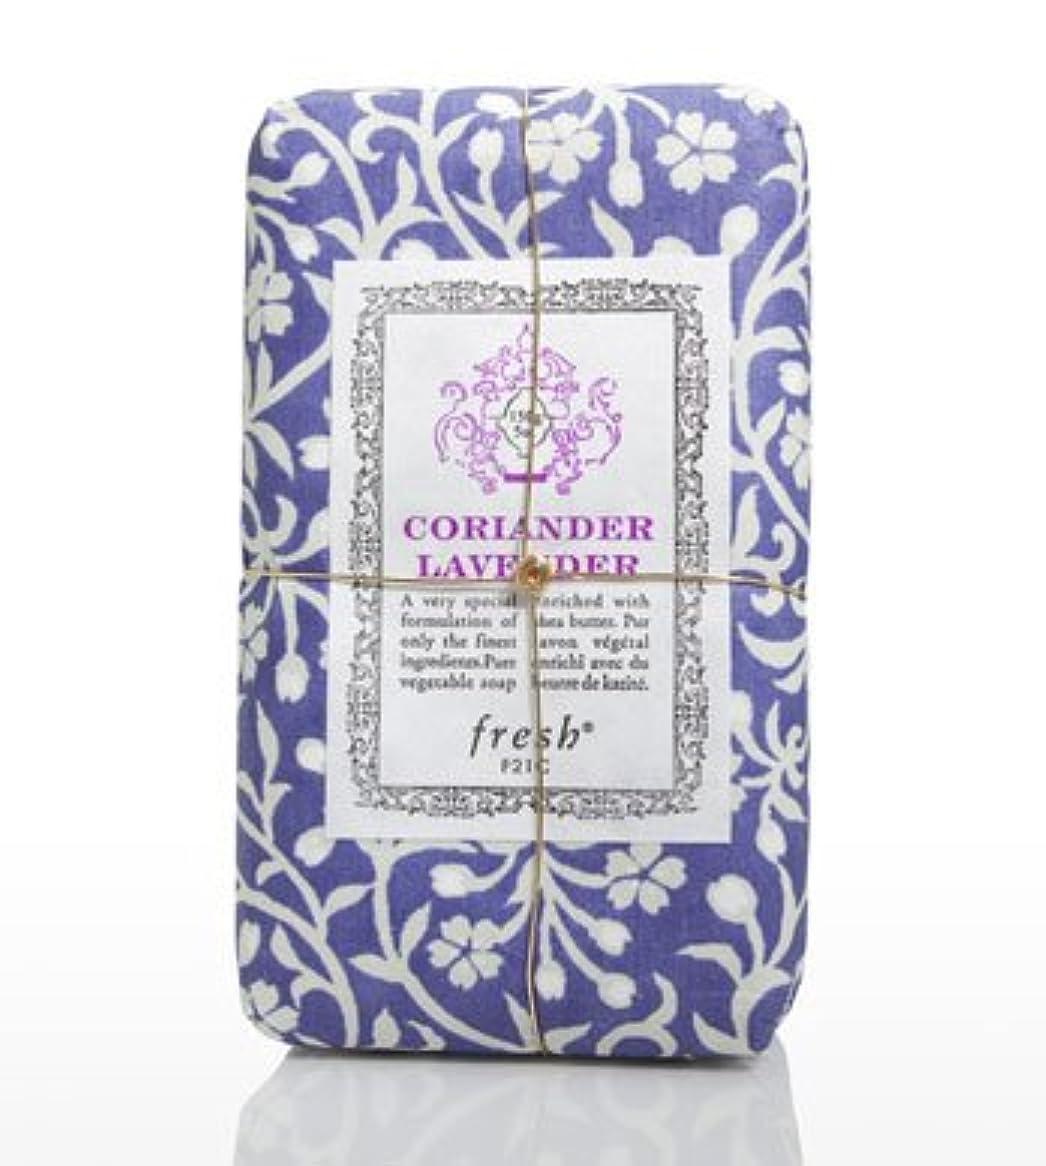 ようこそ寄付する他のバンドでFresh CORIANDER LAVENDAR SOAP(フレッシュ コリアンダーラベンダー ソープ) 5.0 oz (150gl) 石鹸 by Fresh